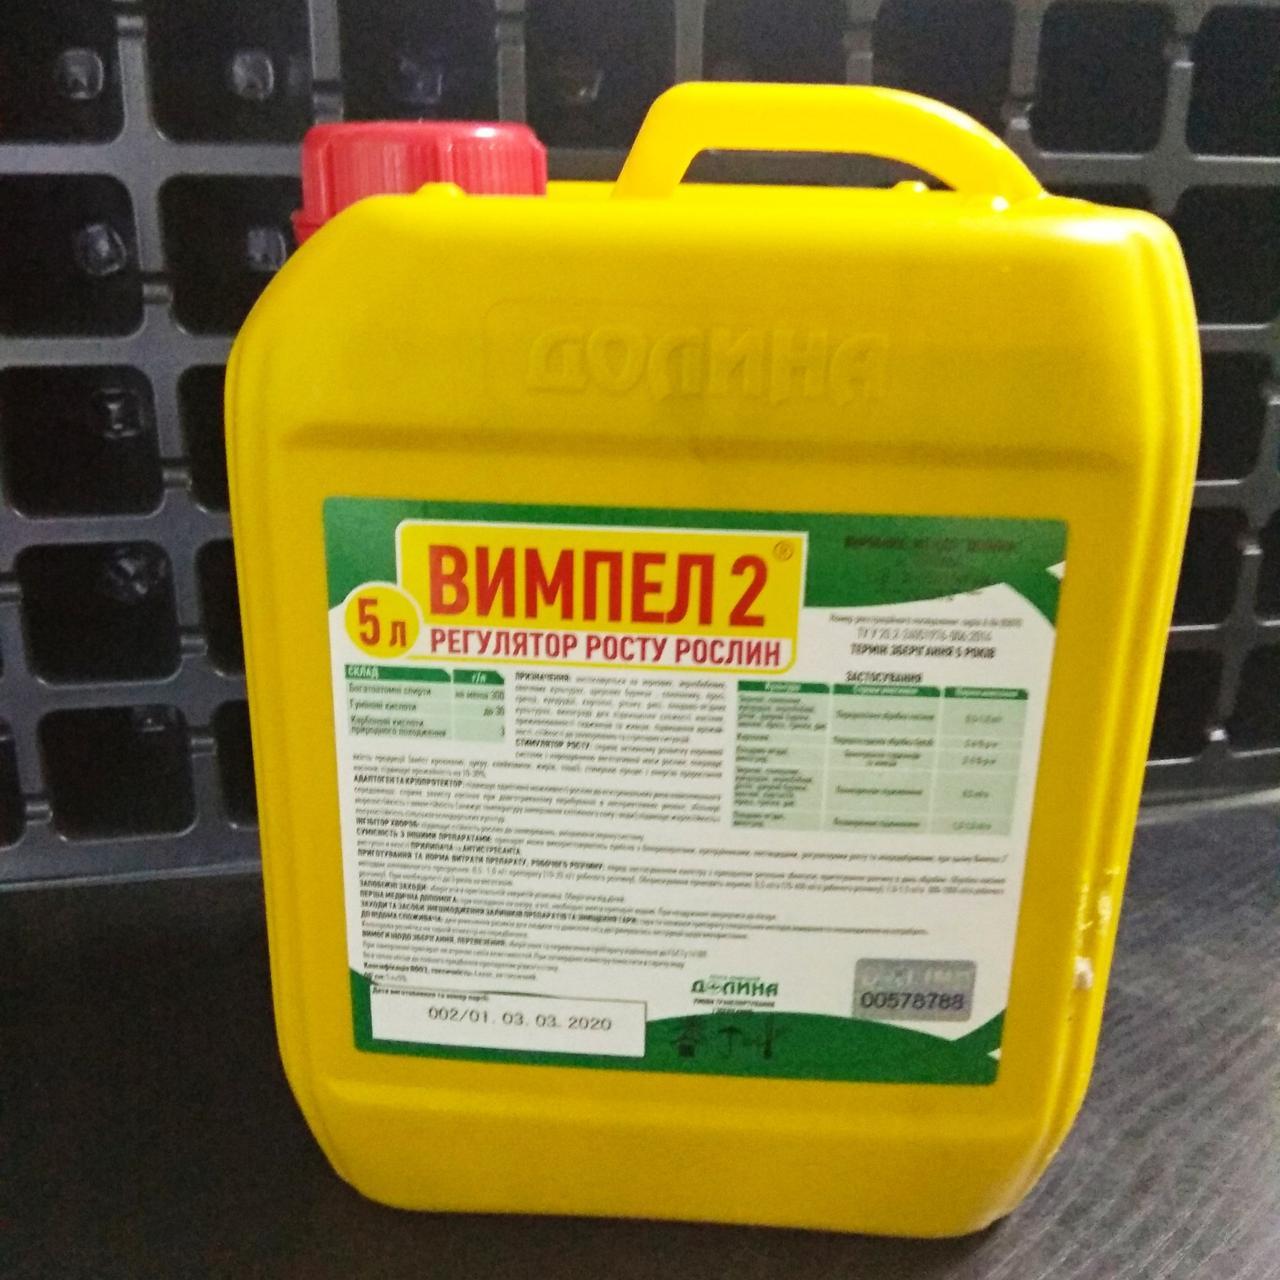 Регулятор роста растений Вымпел 2® (5 л)